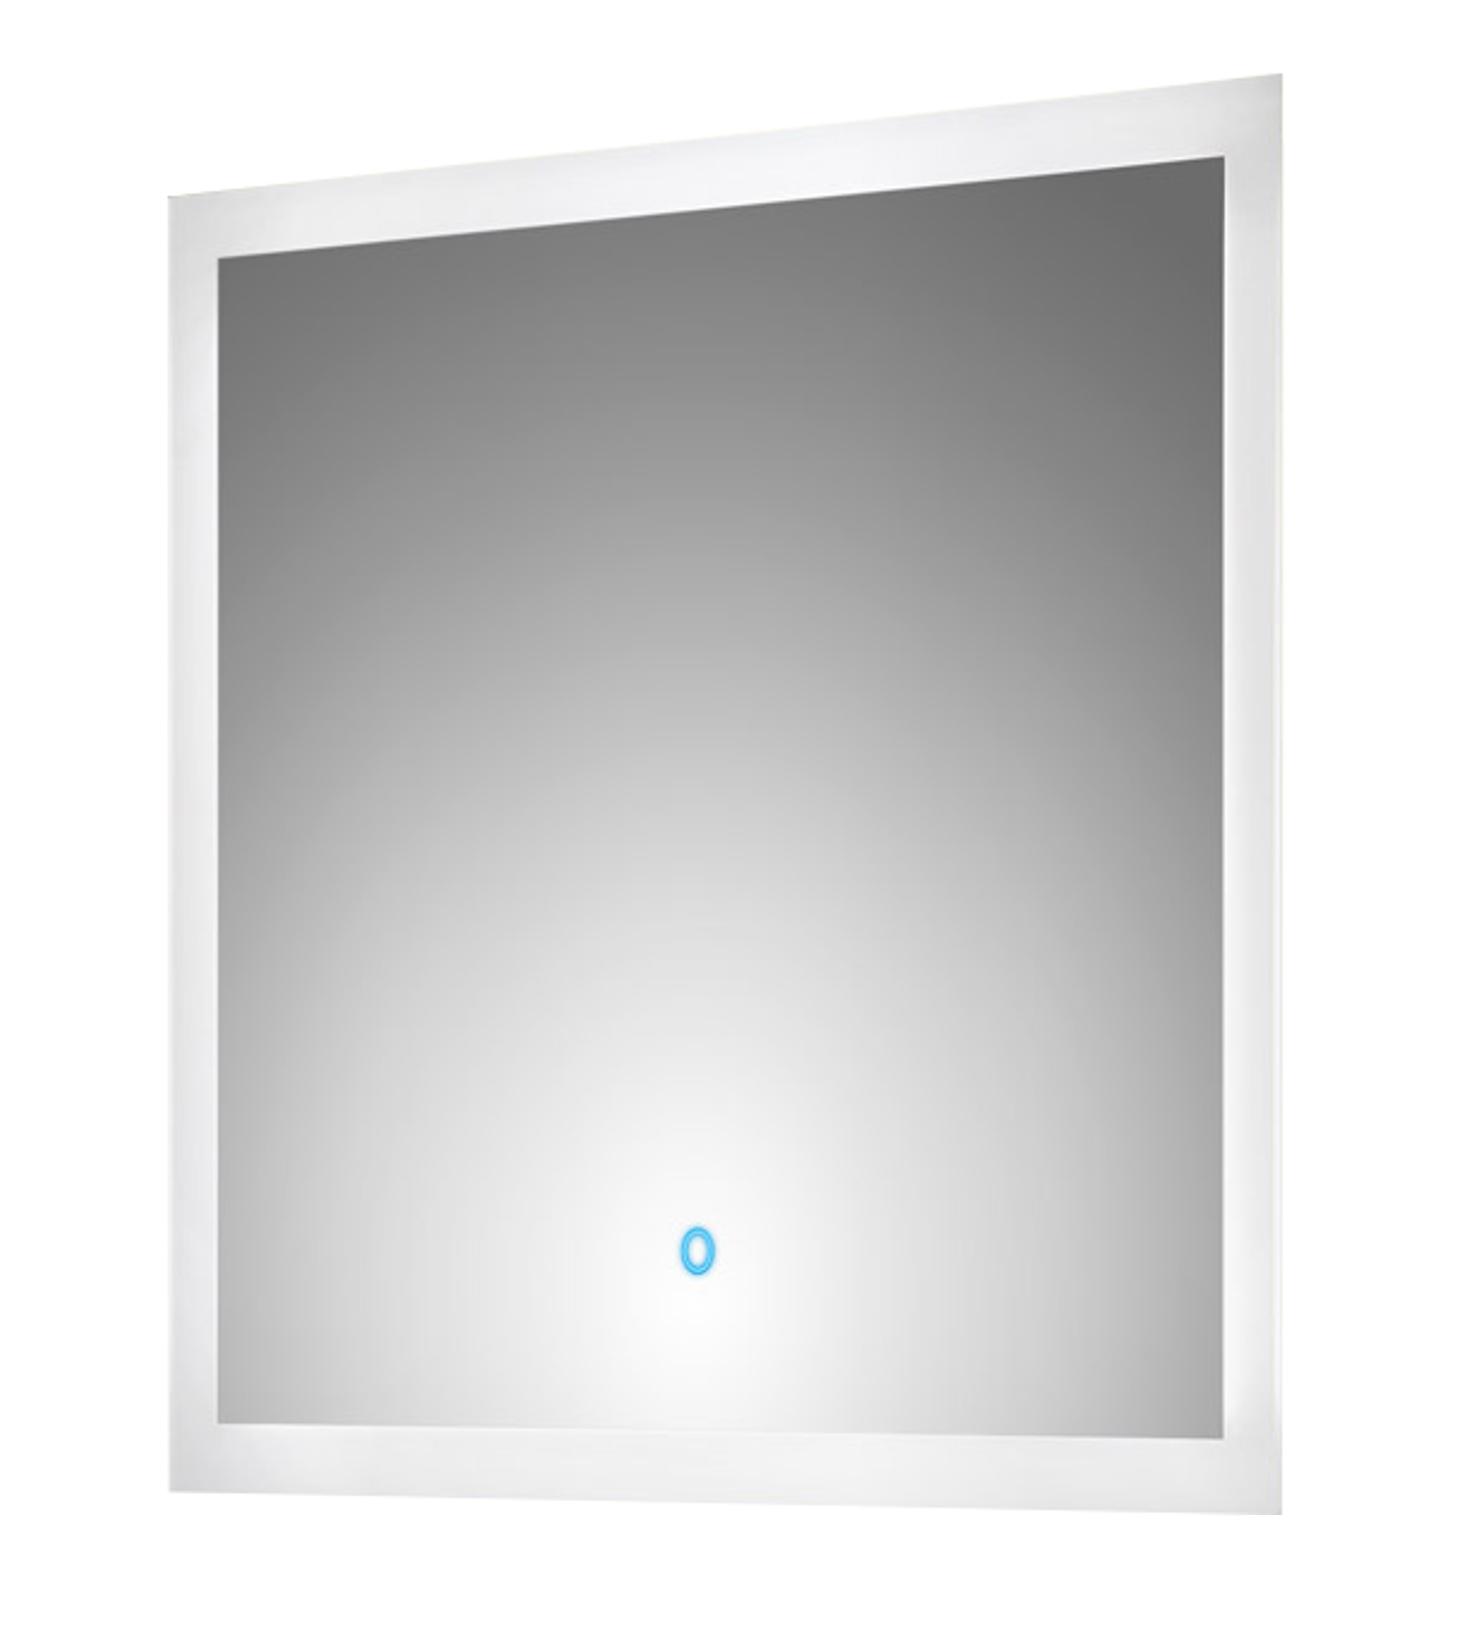 bad spiegel levia mit led touch steuerung 70 cm breit wei bad spiegelschr nke. Black Bedroom Furniture Sets. Home Design Ideas